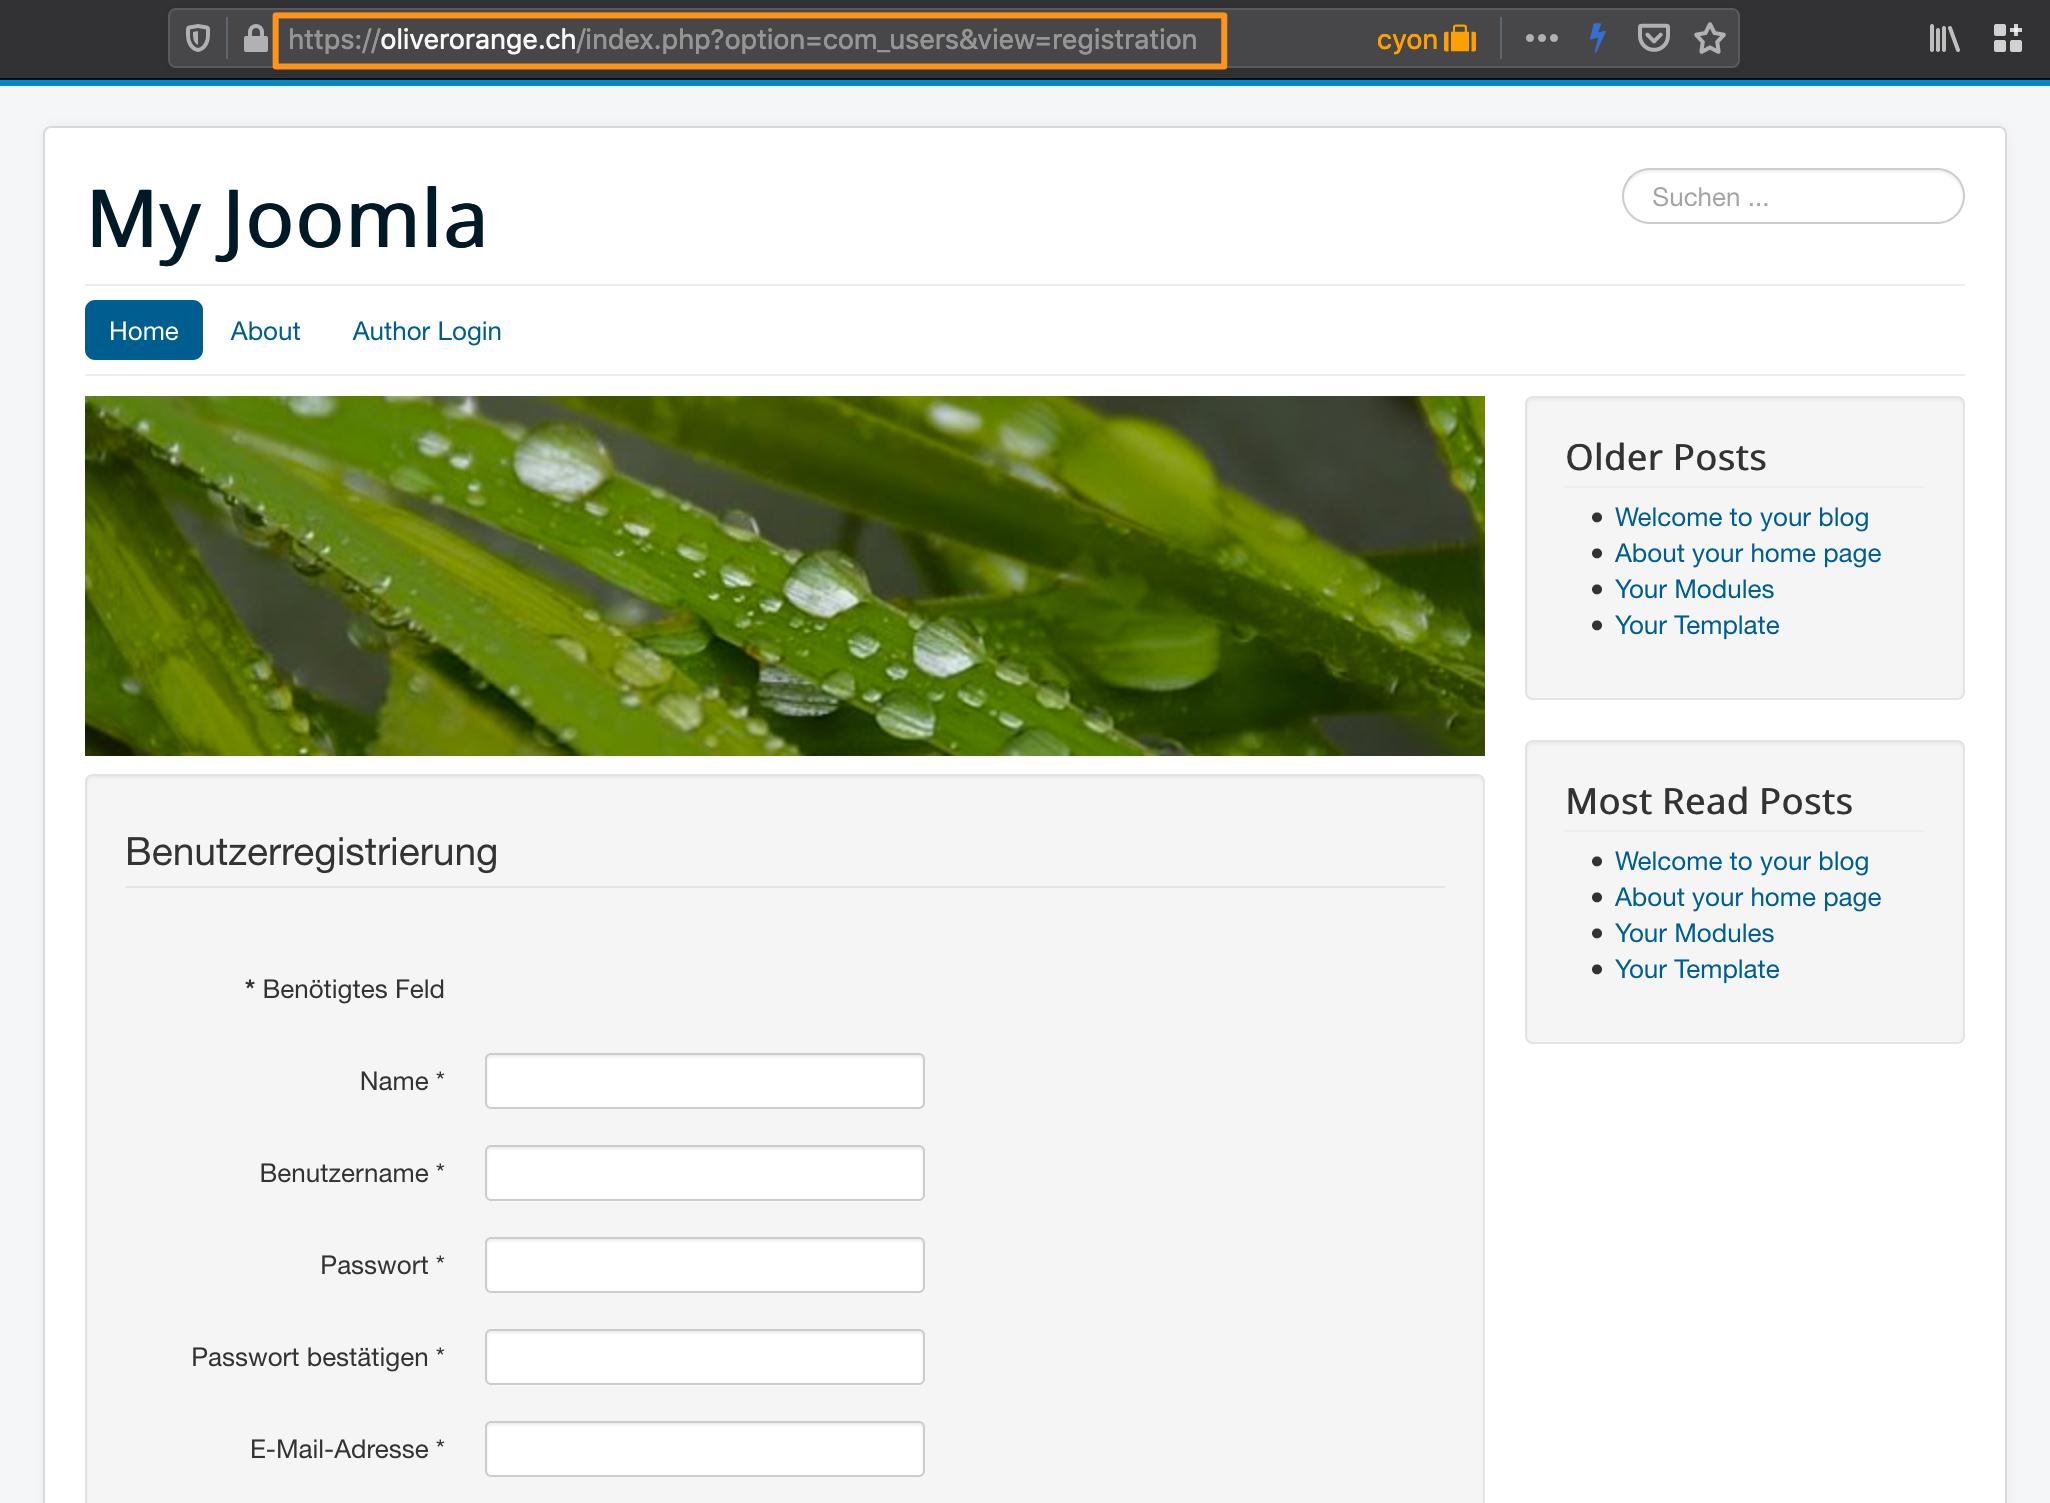 Formular zur Benutzerregistrierung in Joomla